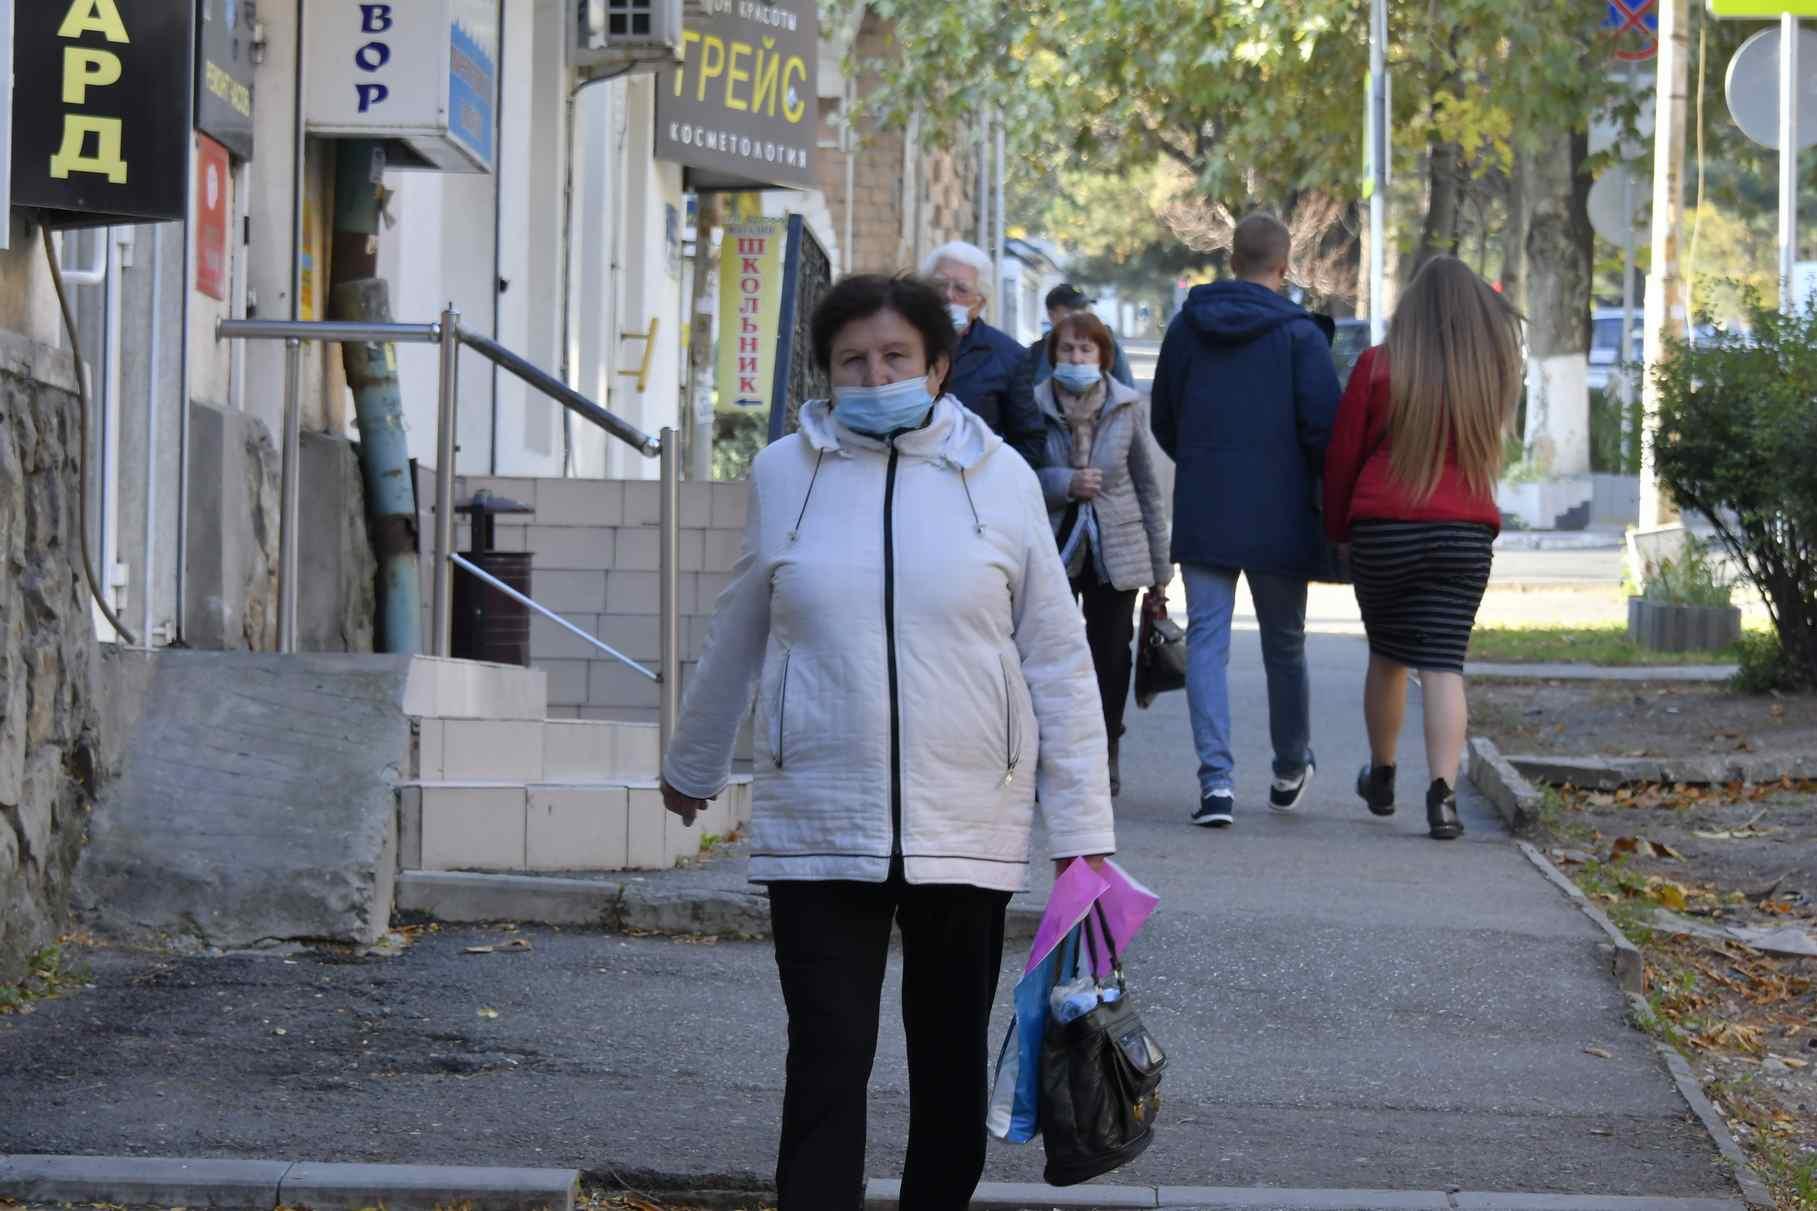 Депутаты Госдумы предлагают помочь пенсионерам с покупкой масок и перчаток